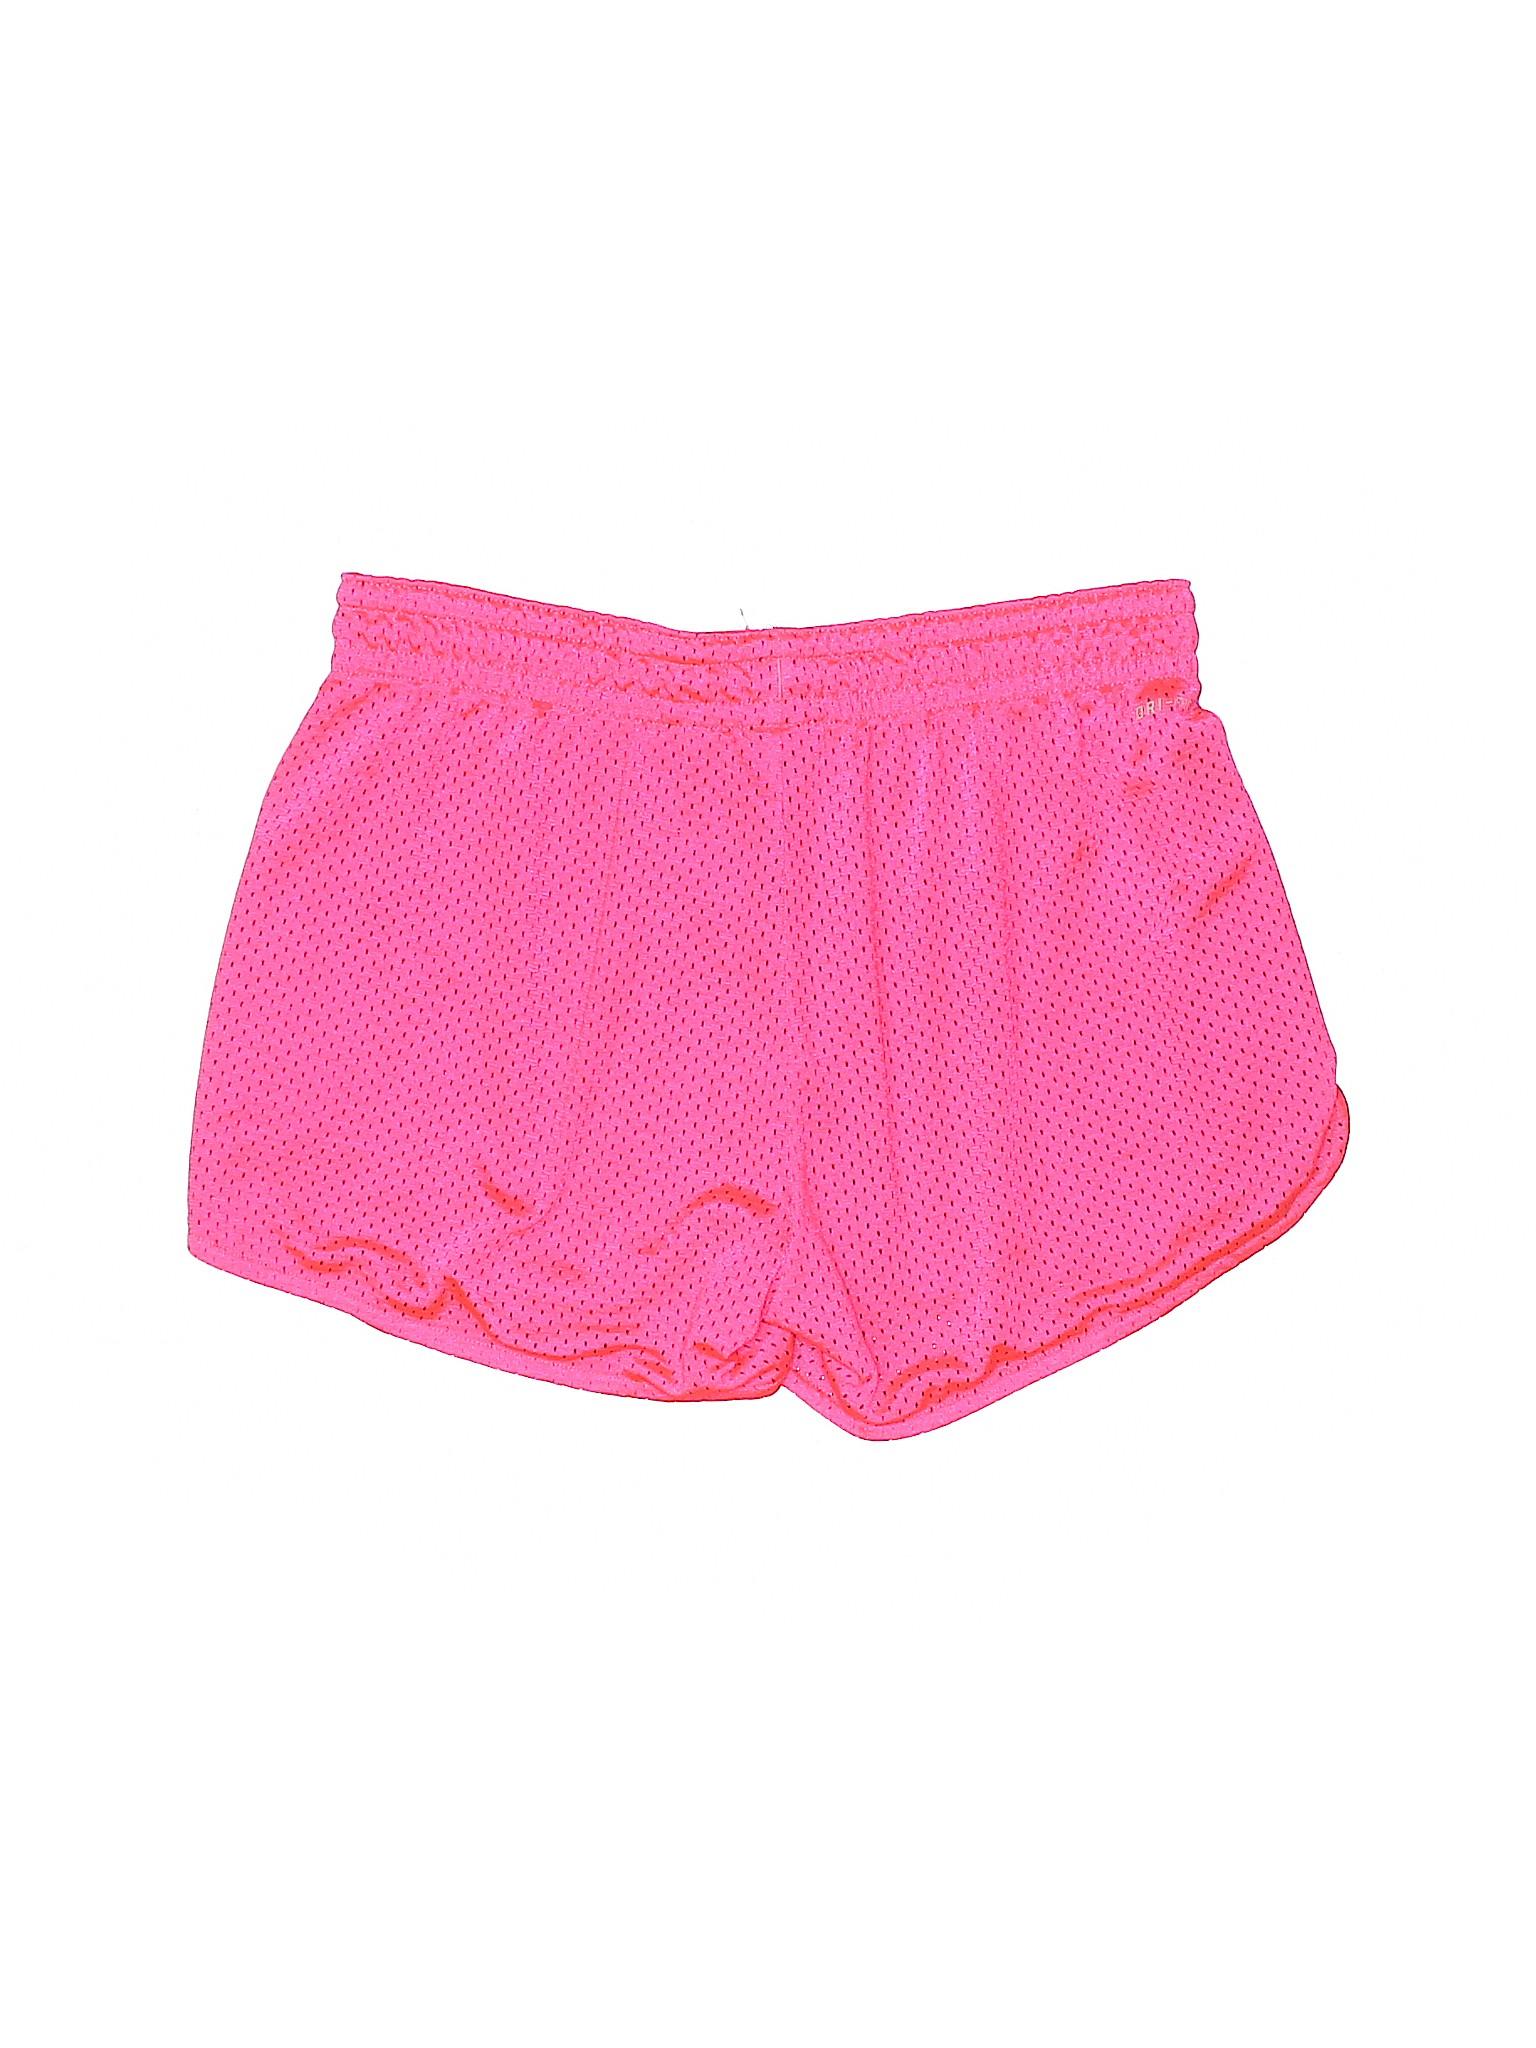 Shorts Athletic Boutique Athletic Shorts Boutique Boutique Shorts Athletic Nike Shorts Boutique Nike Nike Athletic Nike aqHUXAO